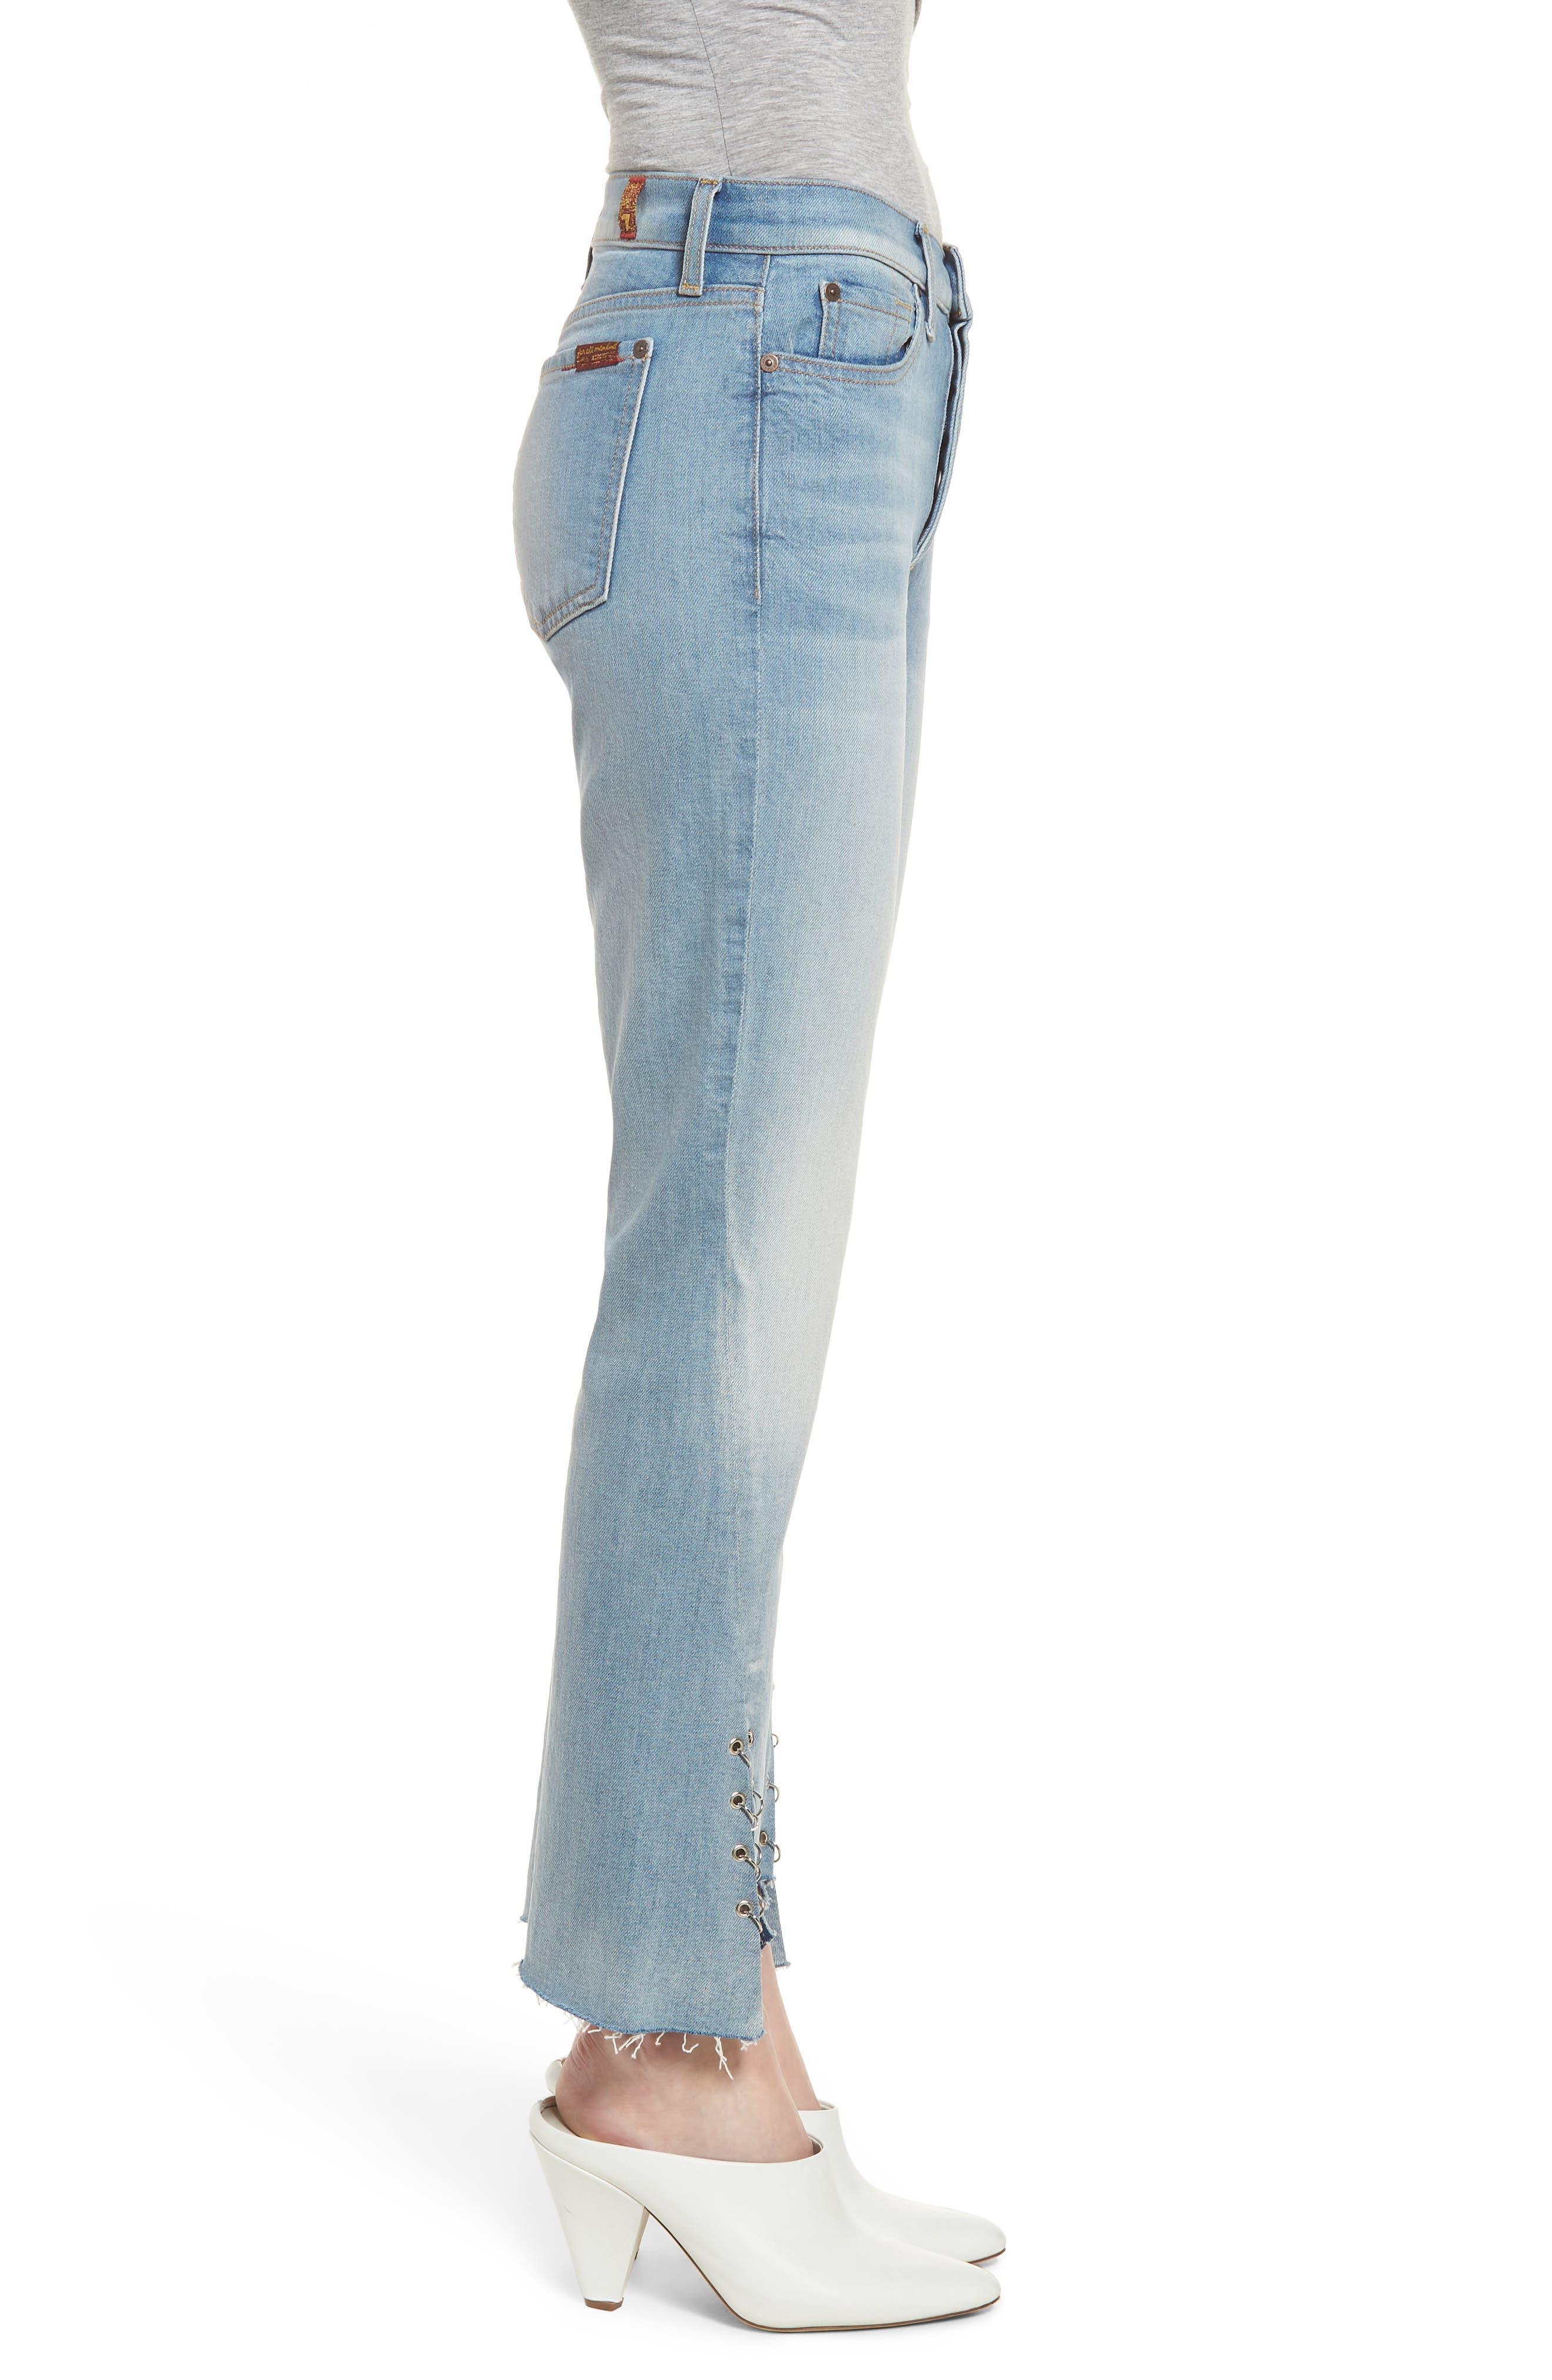 Edie Grommet & Rings Seam Crop Jeans,                             Alternate thumbnail 3, color,                             Light Riviera